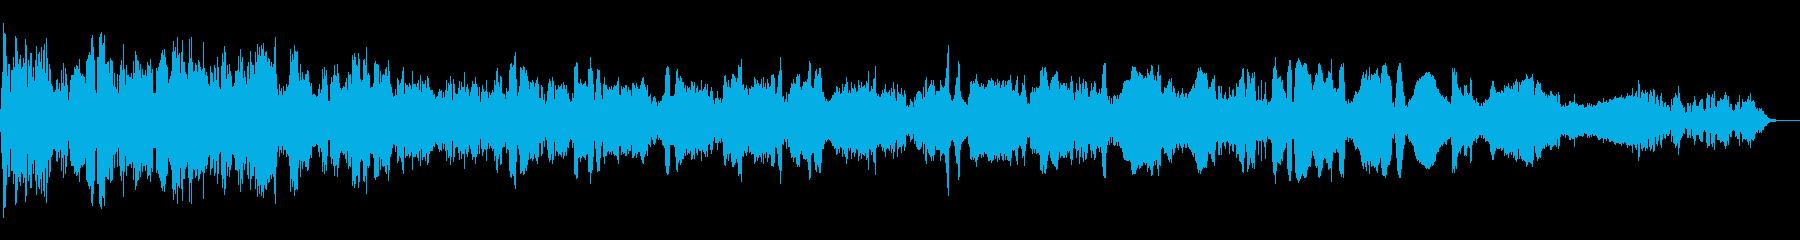 オーバーアンドアウトの再生済みの波形